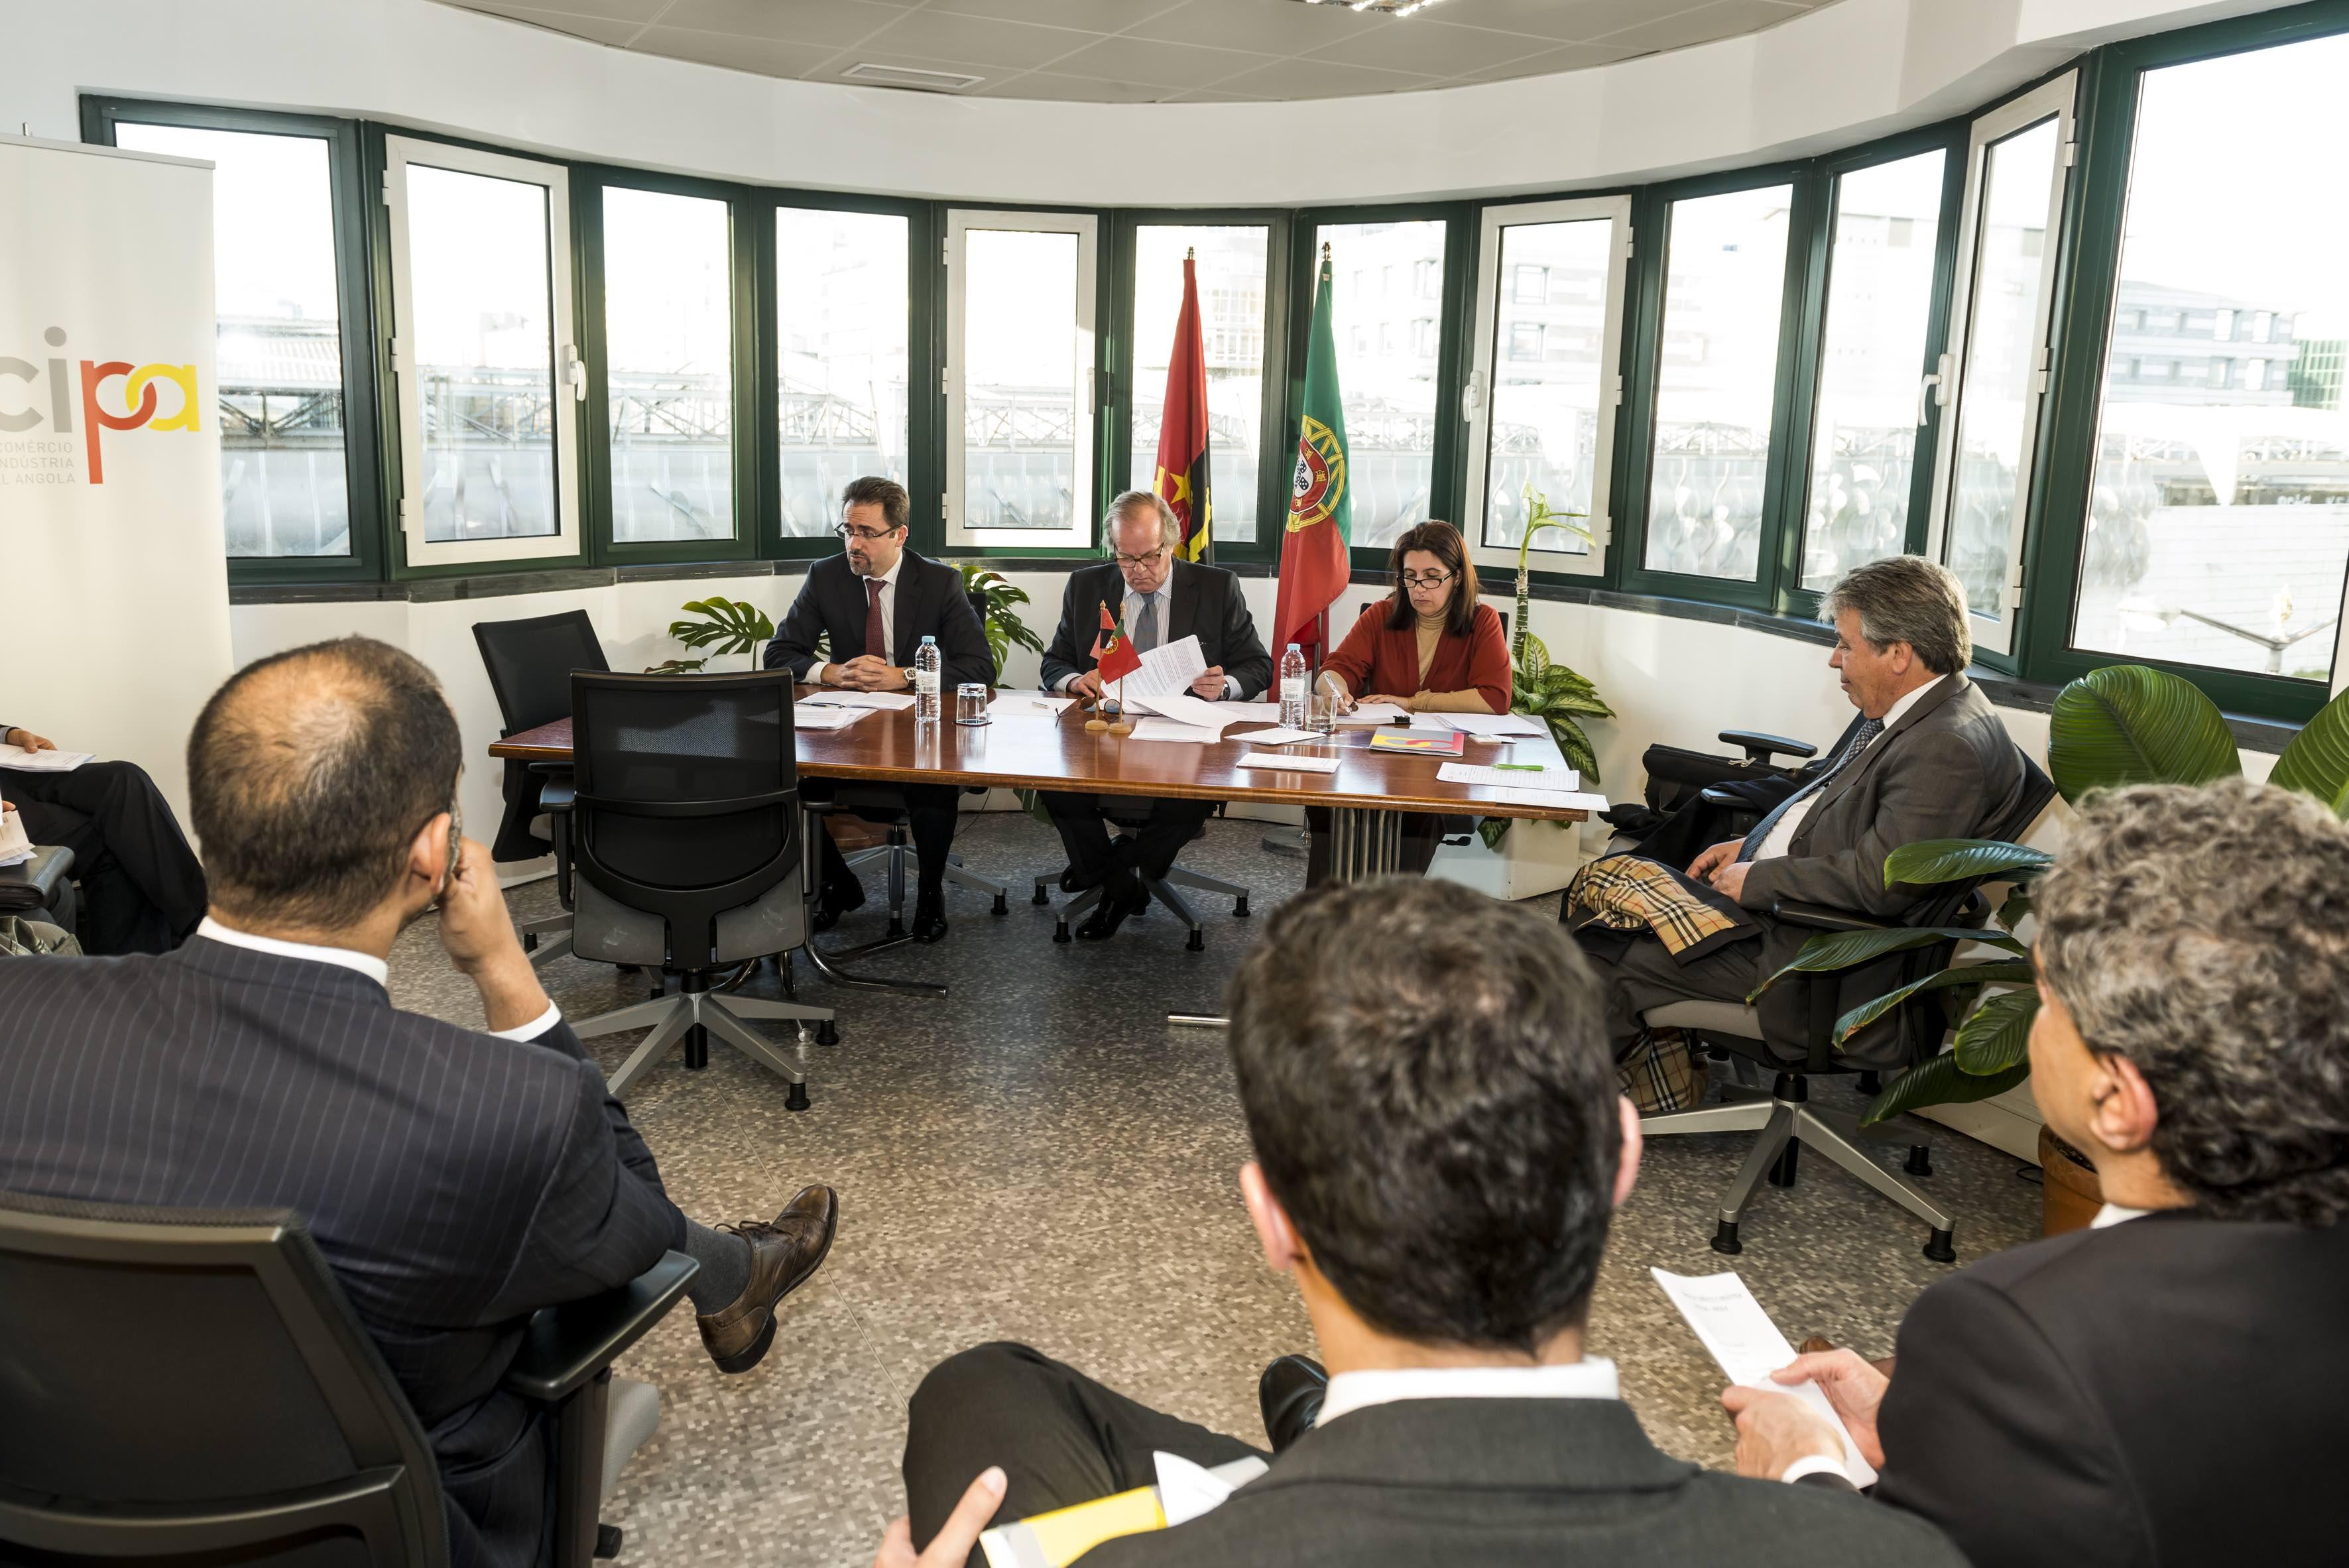 Mesa da Assembleia Geral, Março 2016, Paulo Varela, presidente da Direcção, Luís Sousa Macedo, Presidente da Mesa, Isabel Santos, Directora Executiva